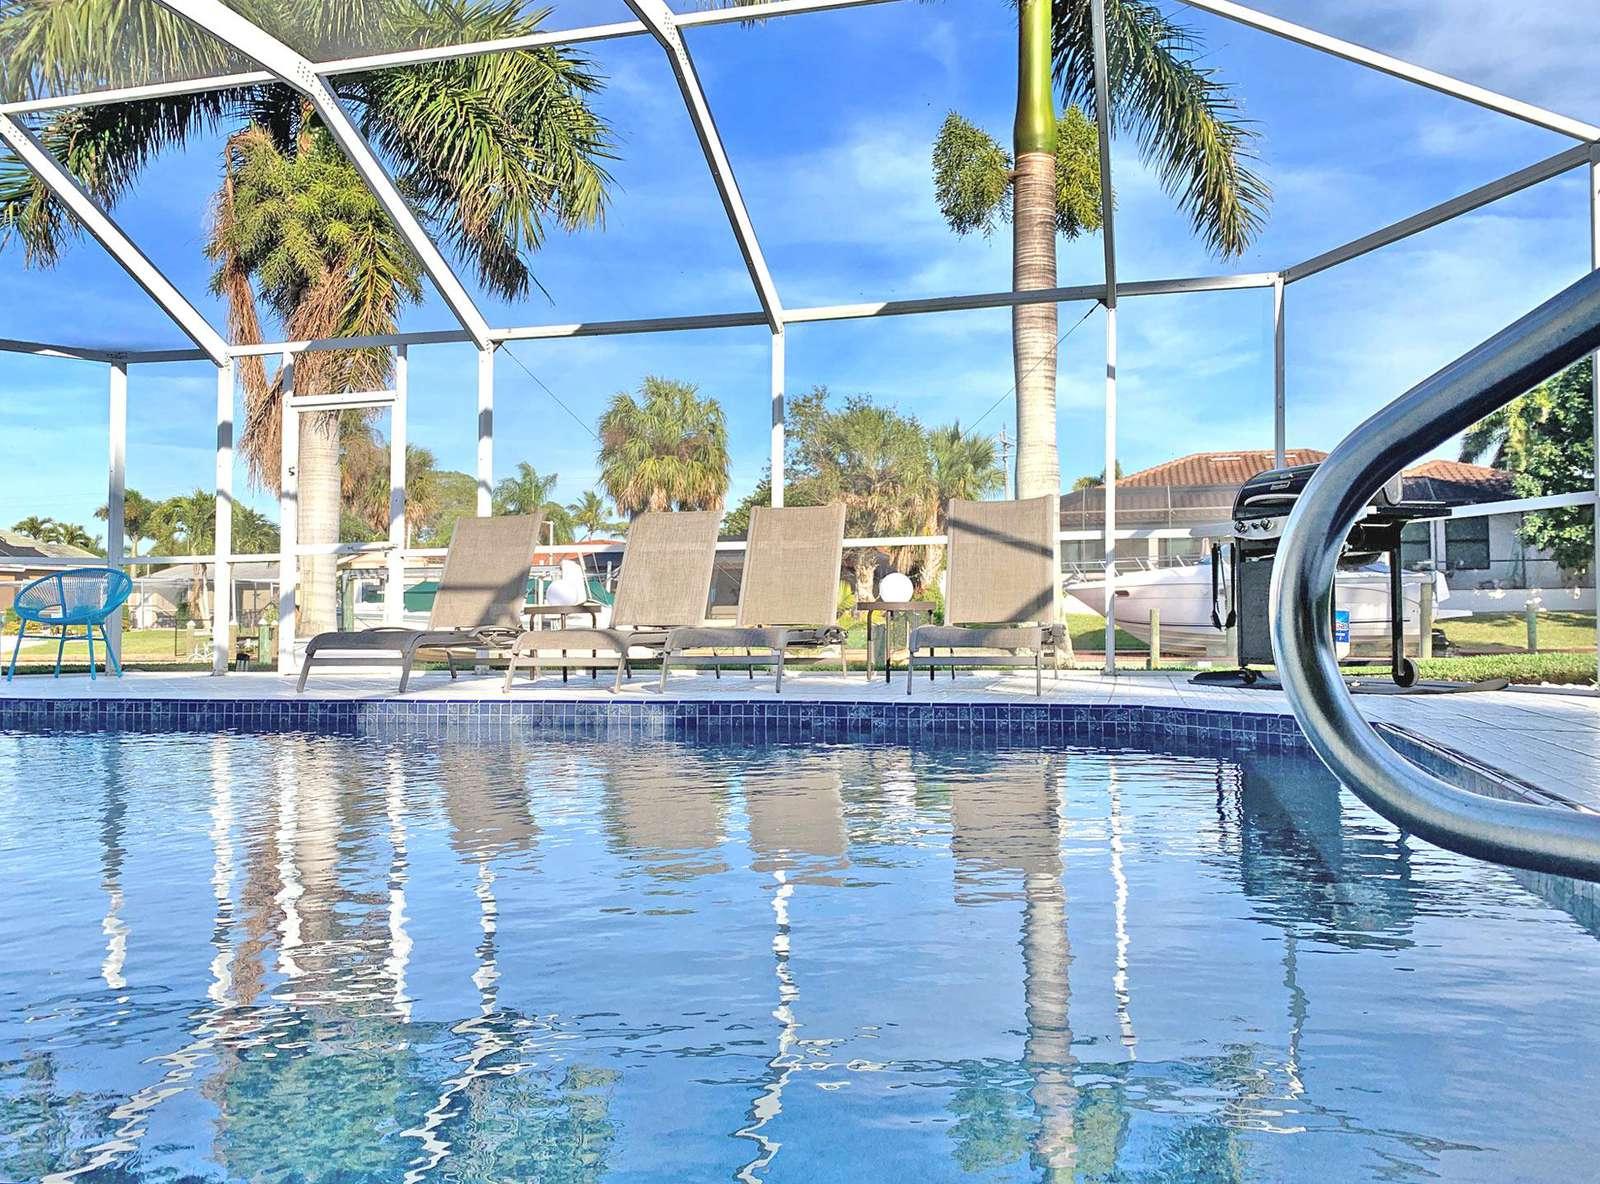 Villa Calusa Slip, Cape Coral- CapeCoralSusan.com / MyFlorida.se